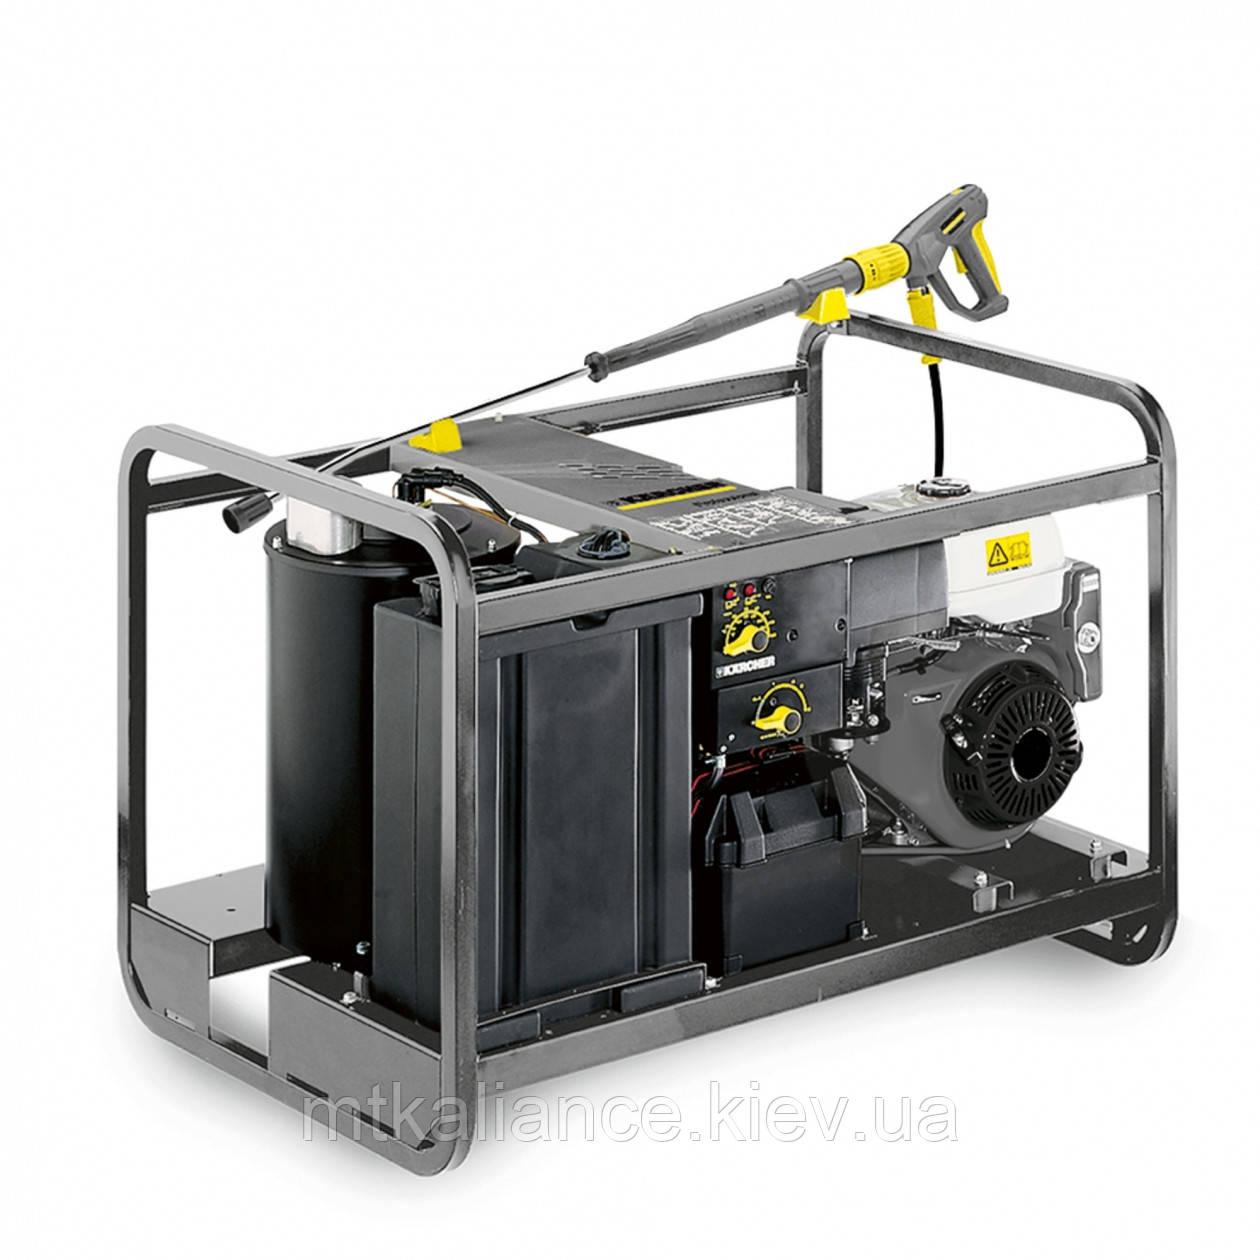 Аппарат высокого давления HDS 1000 De (дизель)